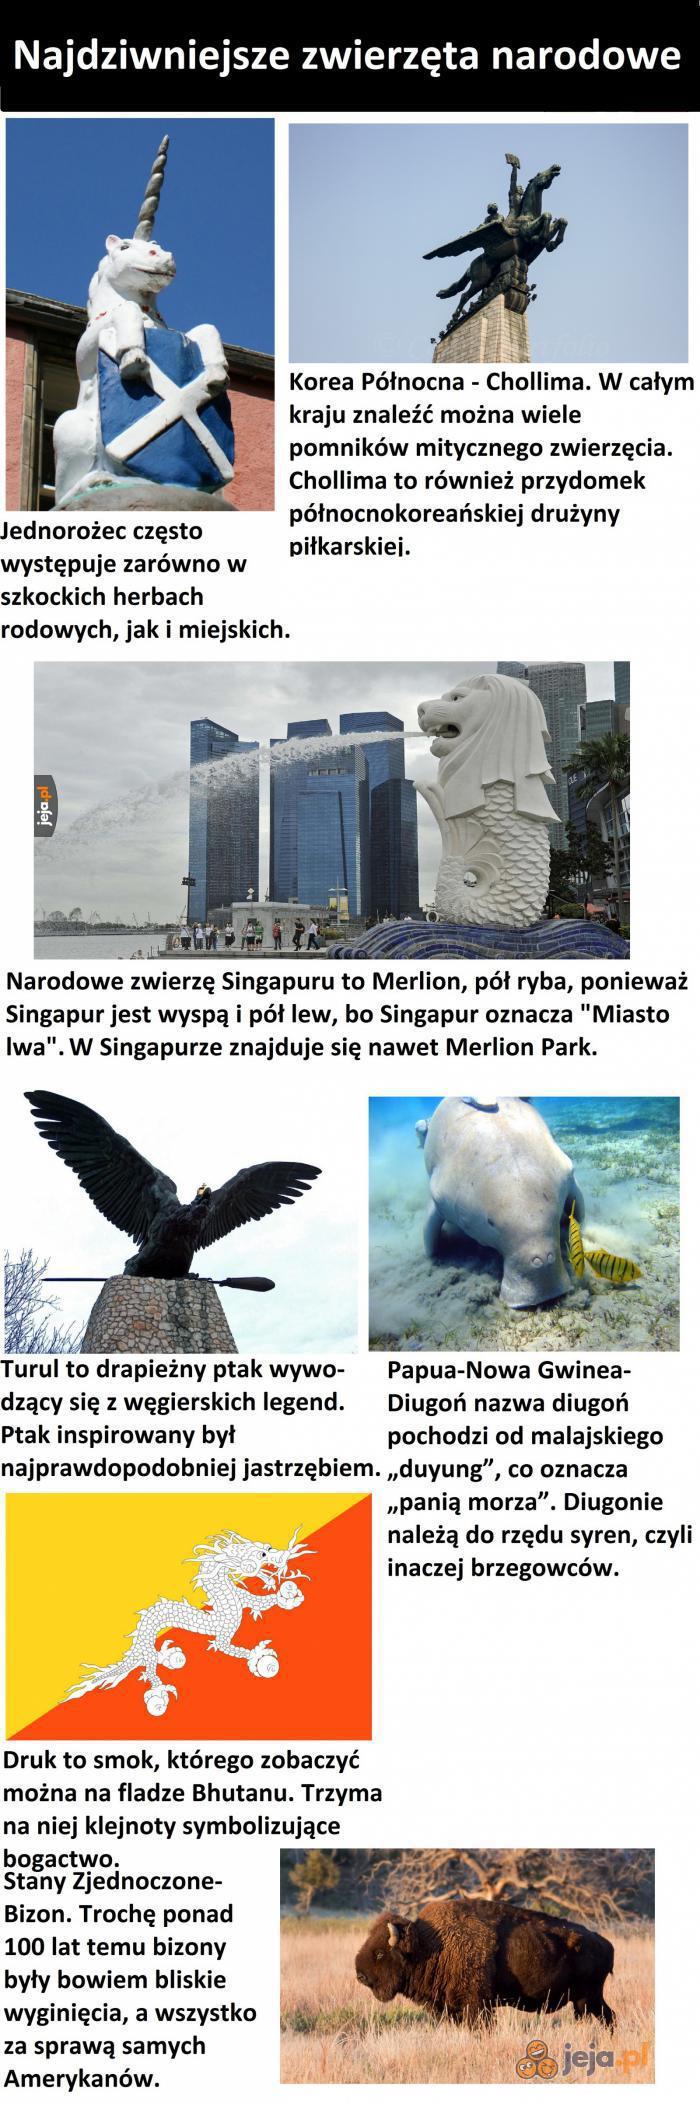 Najdziwniejsze zwierzęta narodowe